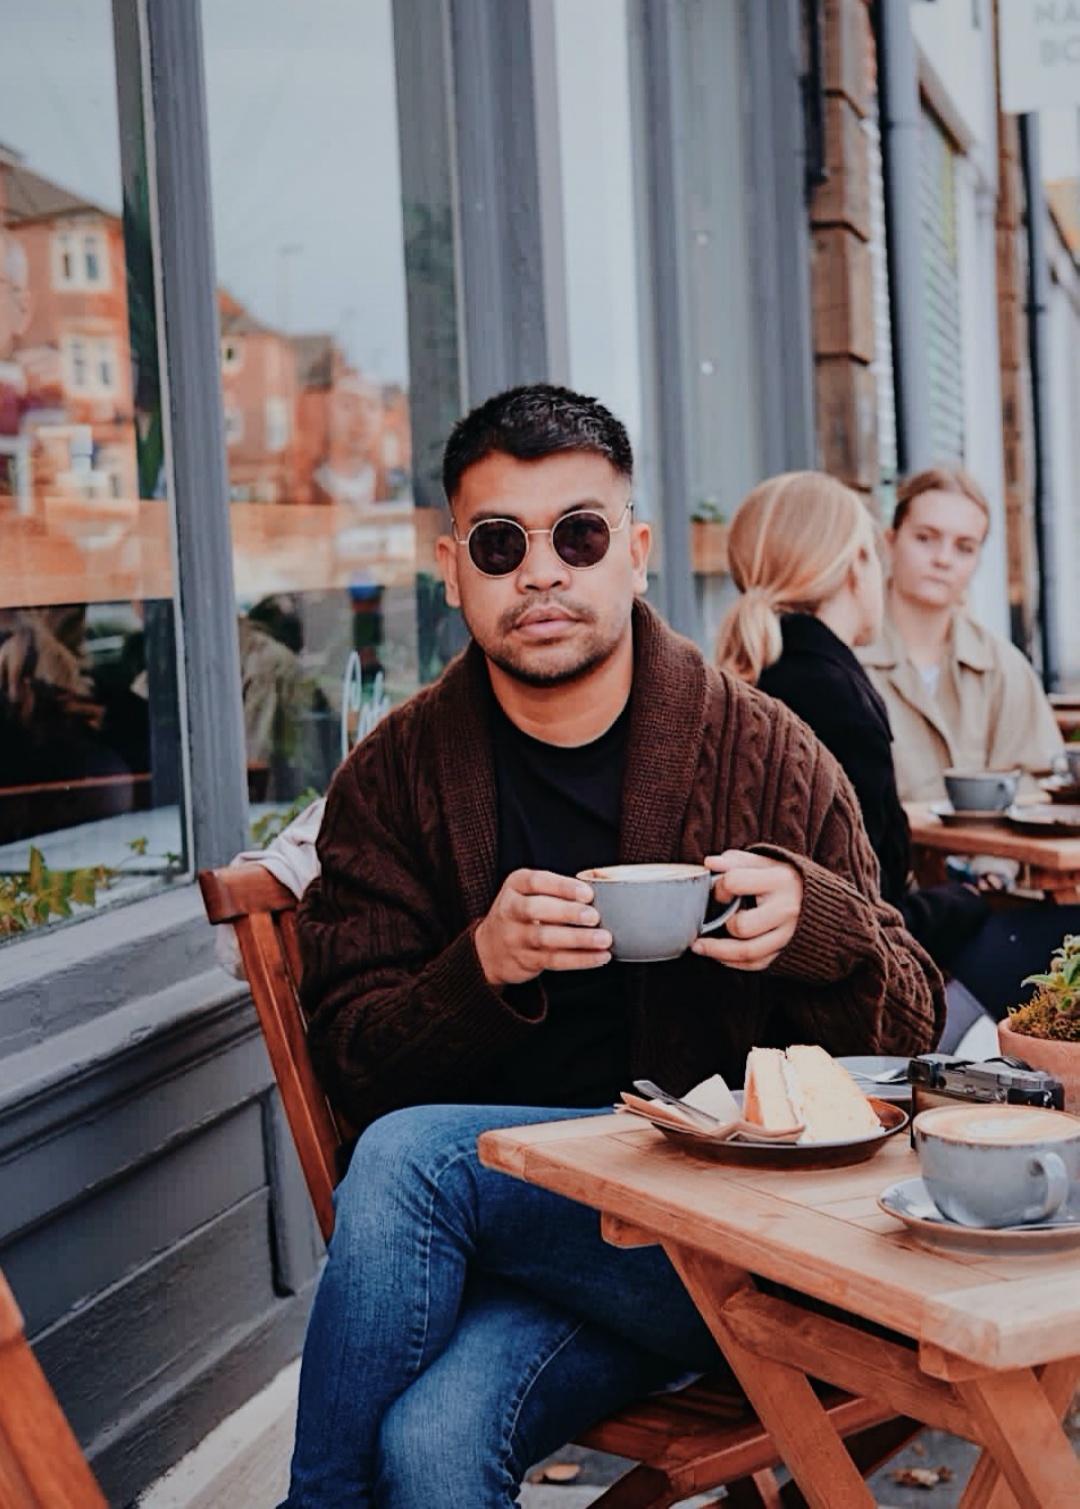 forkintherose-bloggers-newcastle-best-almostablogger-cafe.jpg